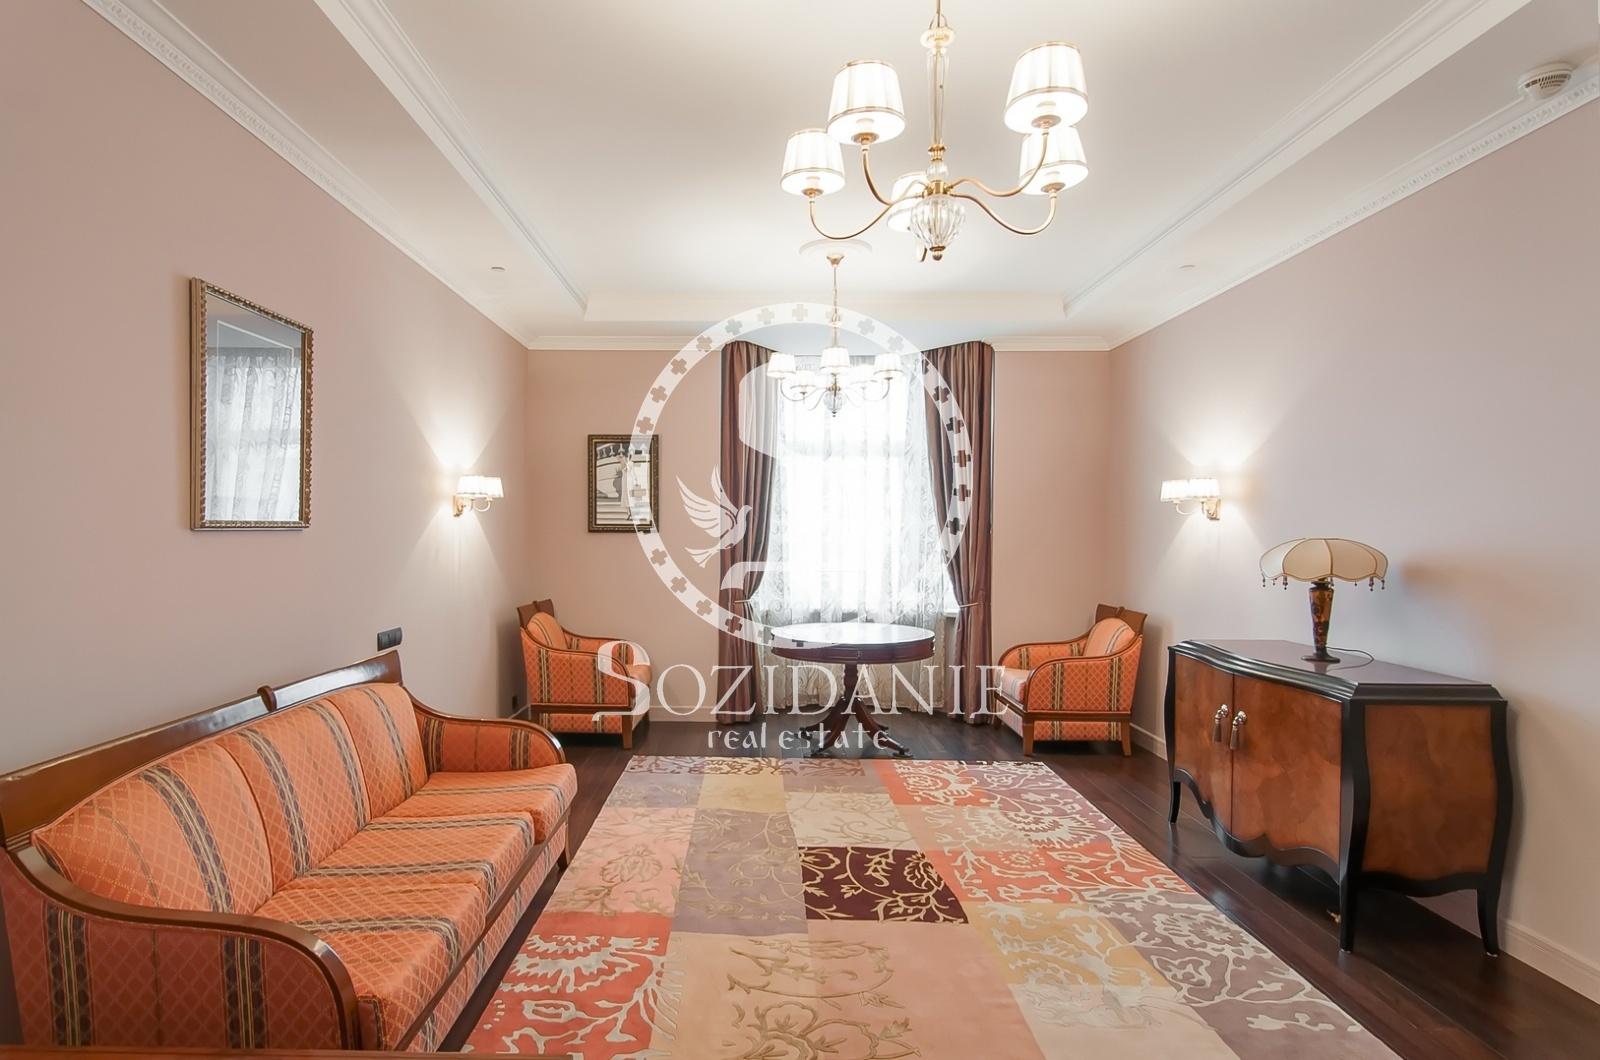 3 Комнаты, Городская, Аренда, Чапаевский переулок, Listing ID 3242, Москва, Россия,